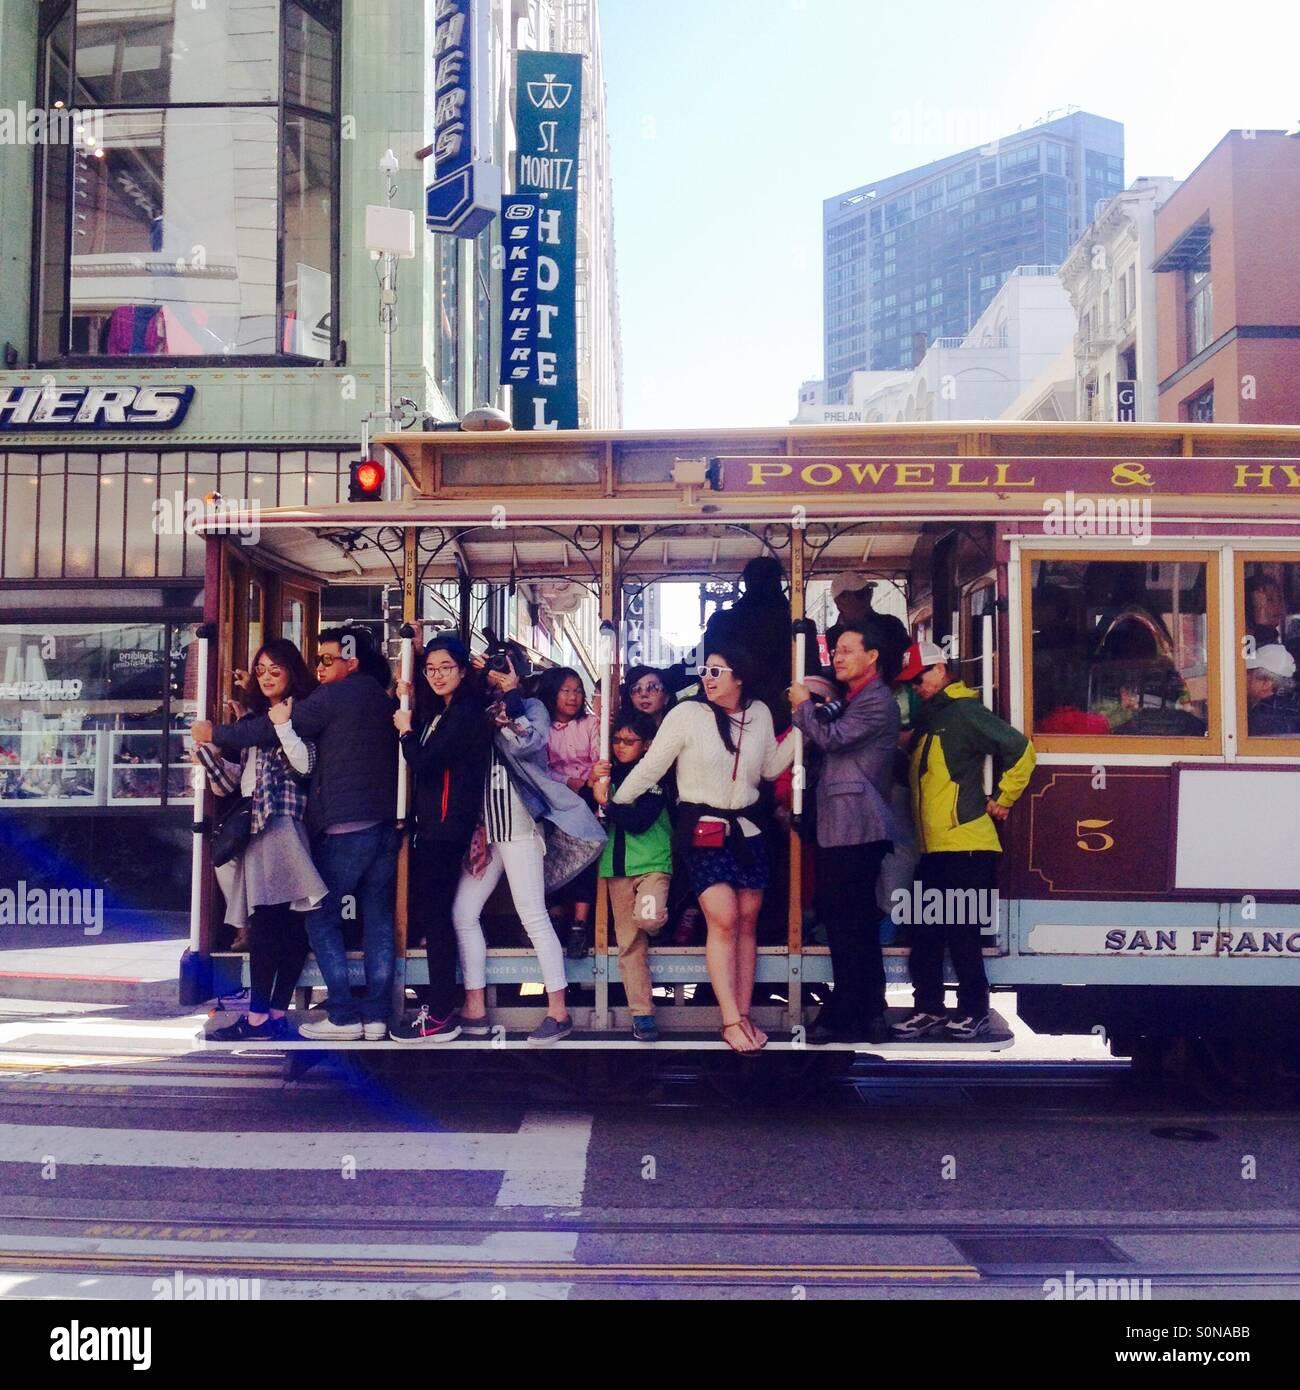 Les touristes ride un téléphérique dans le centre-ville de San Francisco. Photo Stock